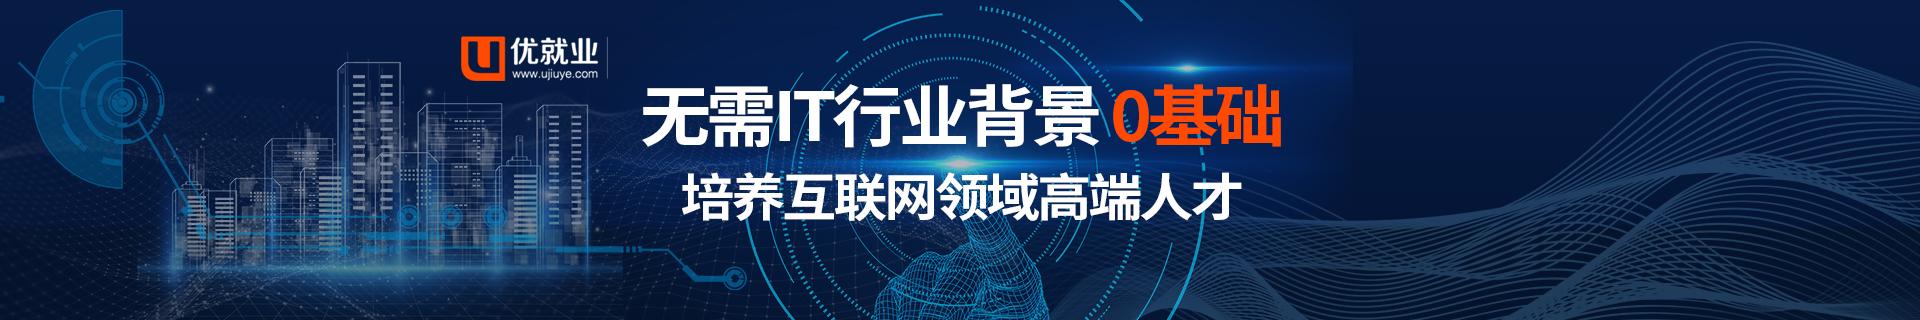 北京顺义区优就业IT培训